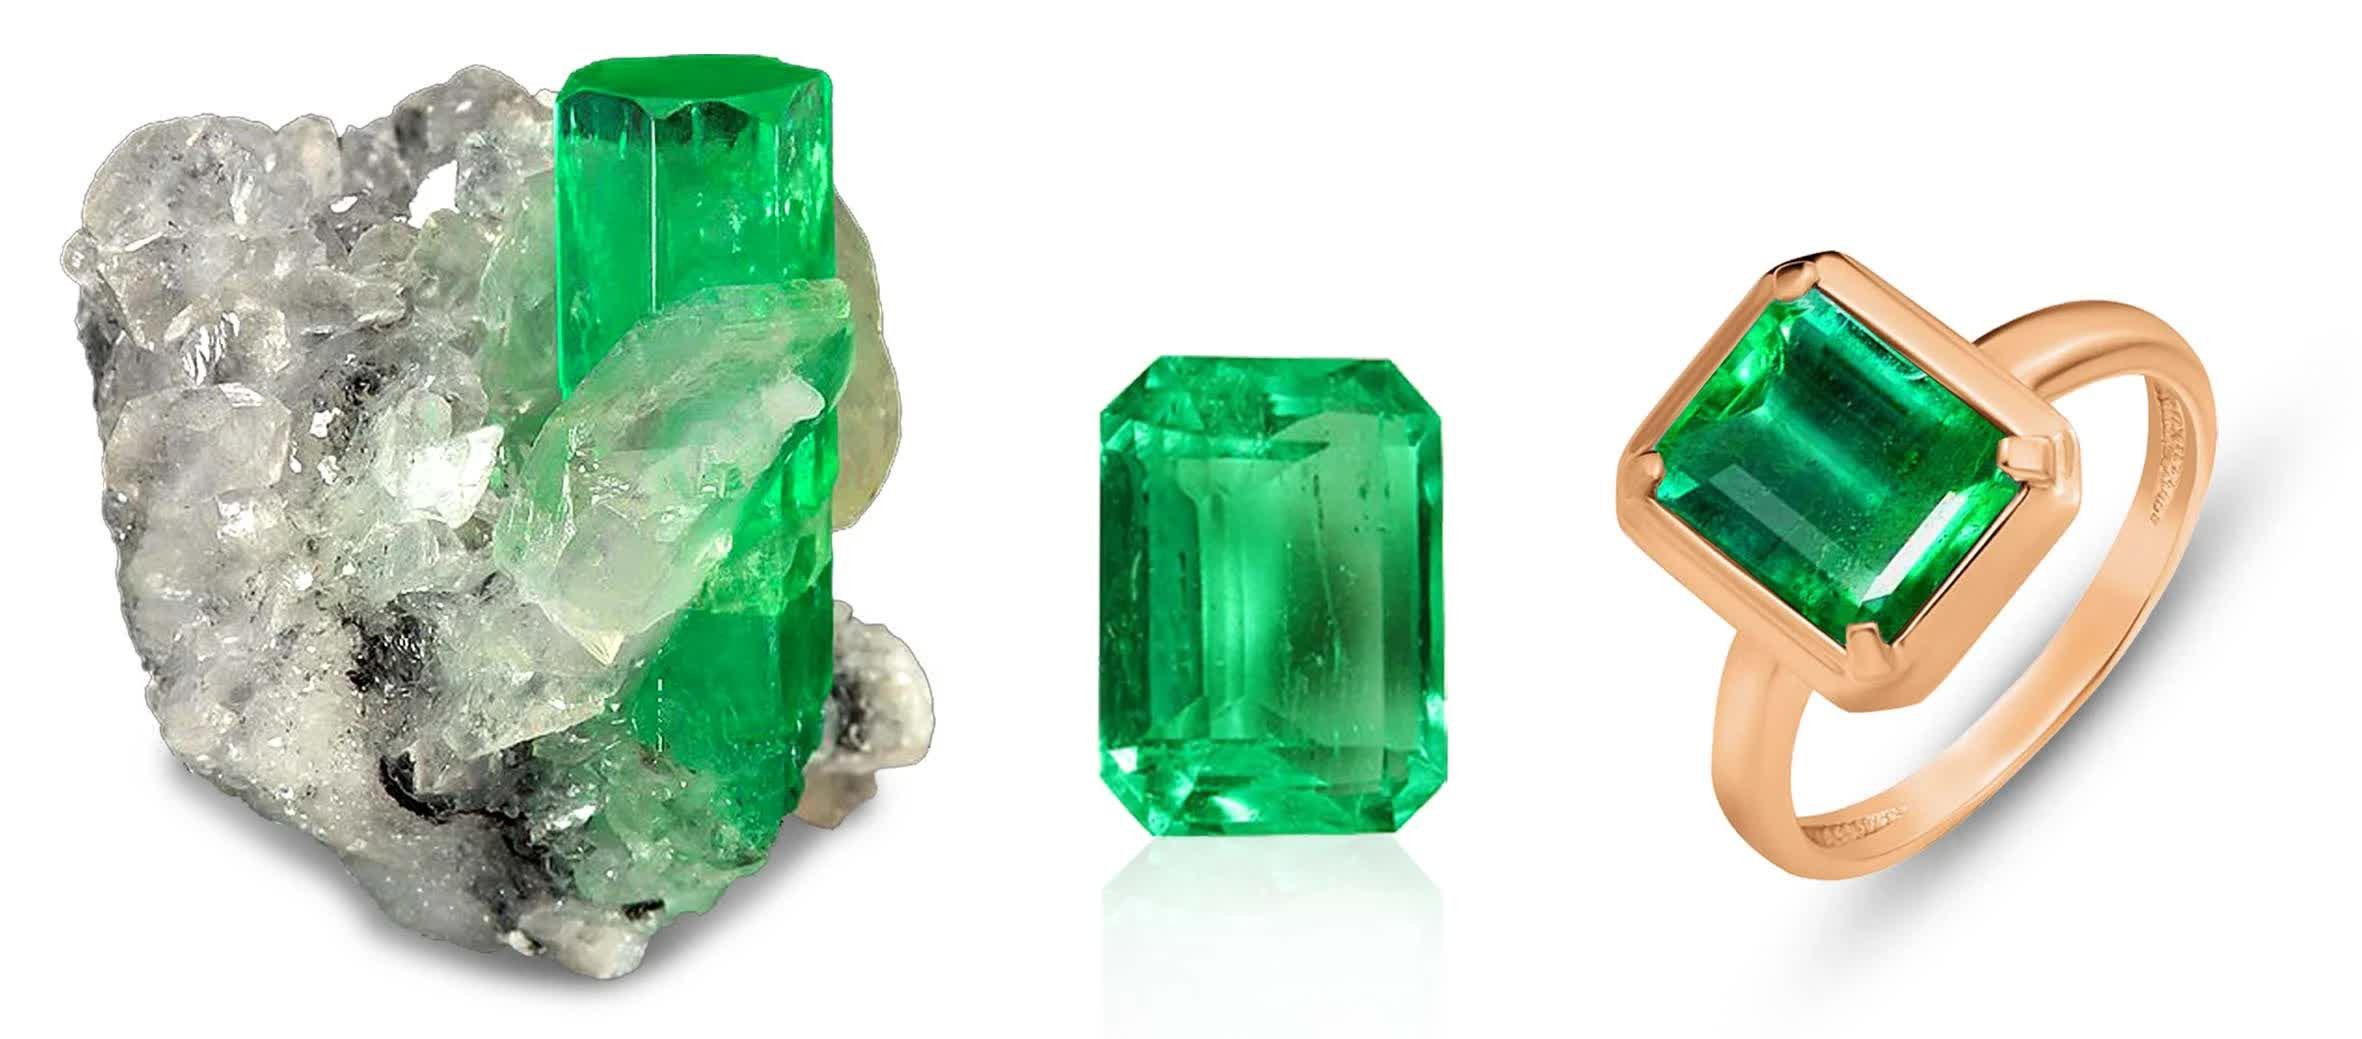 смарагд, кристал, камінь, каблучка